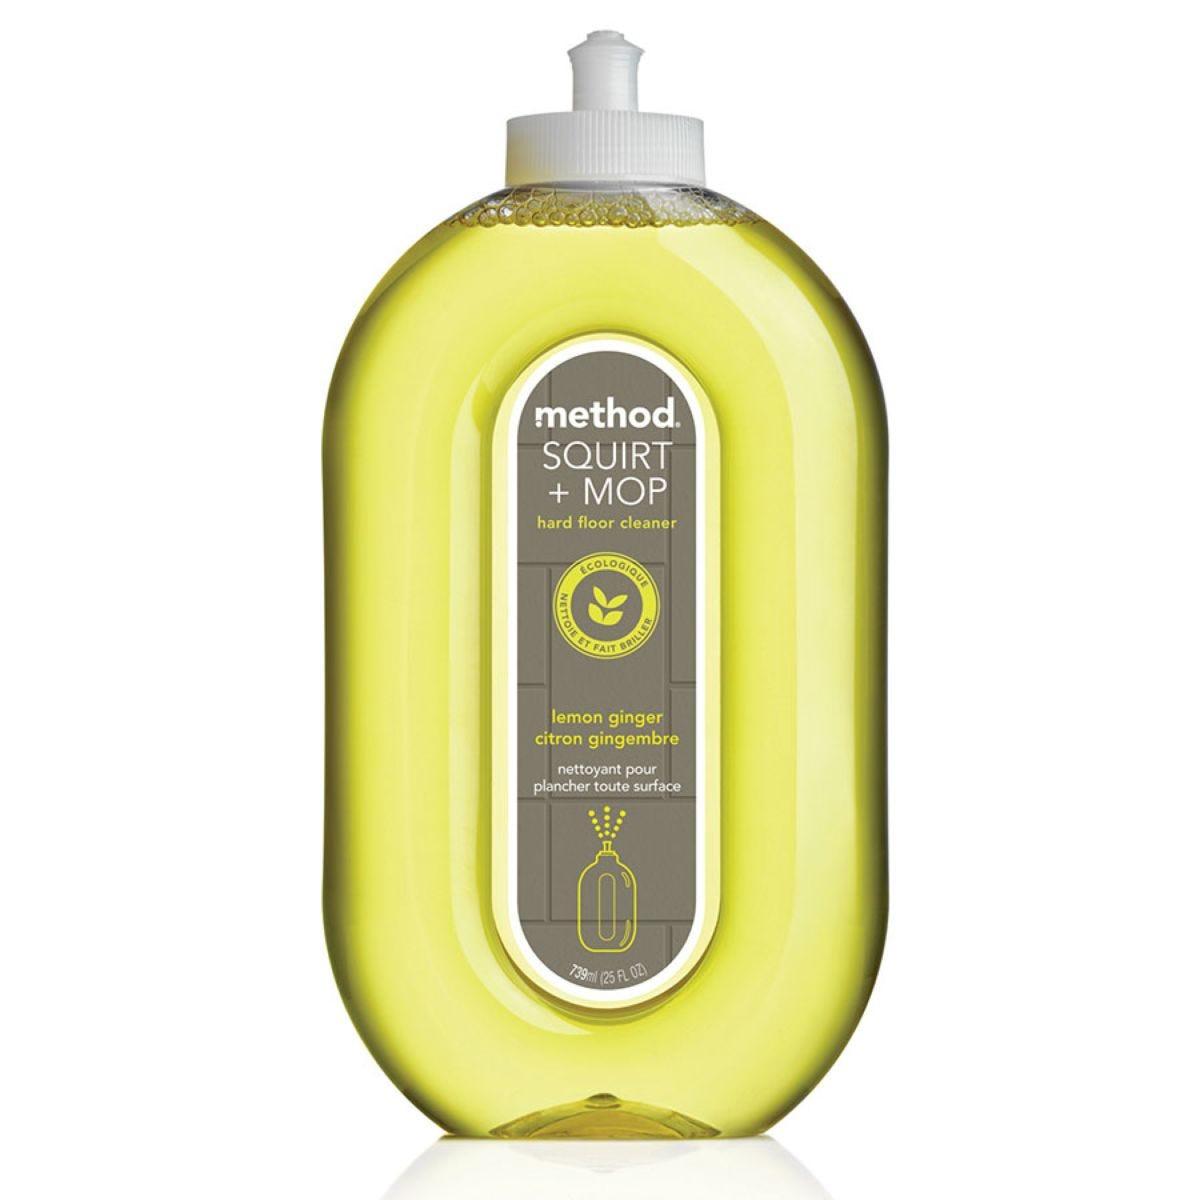 Method Squirt & Mop Hard Floor Cleaner - Lemon Ginger